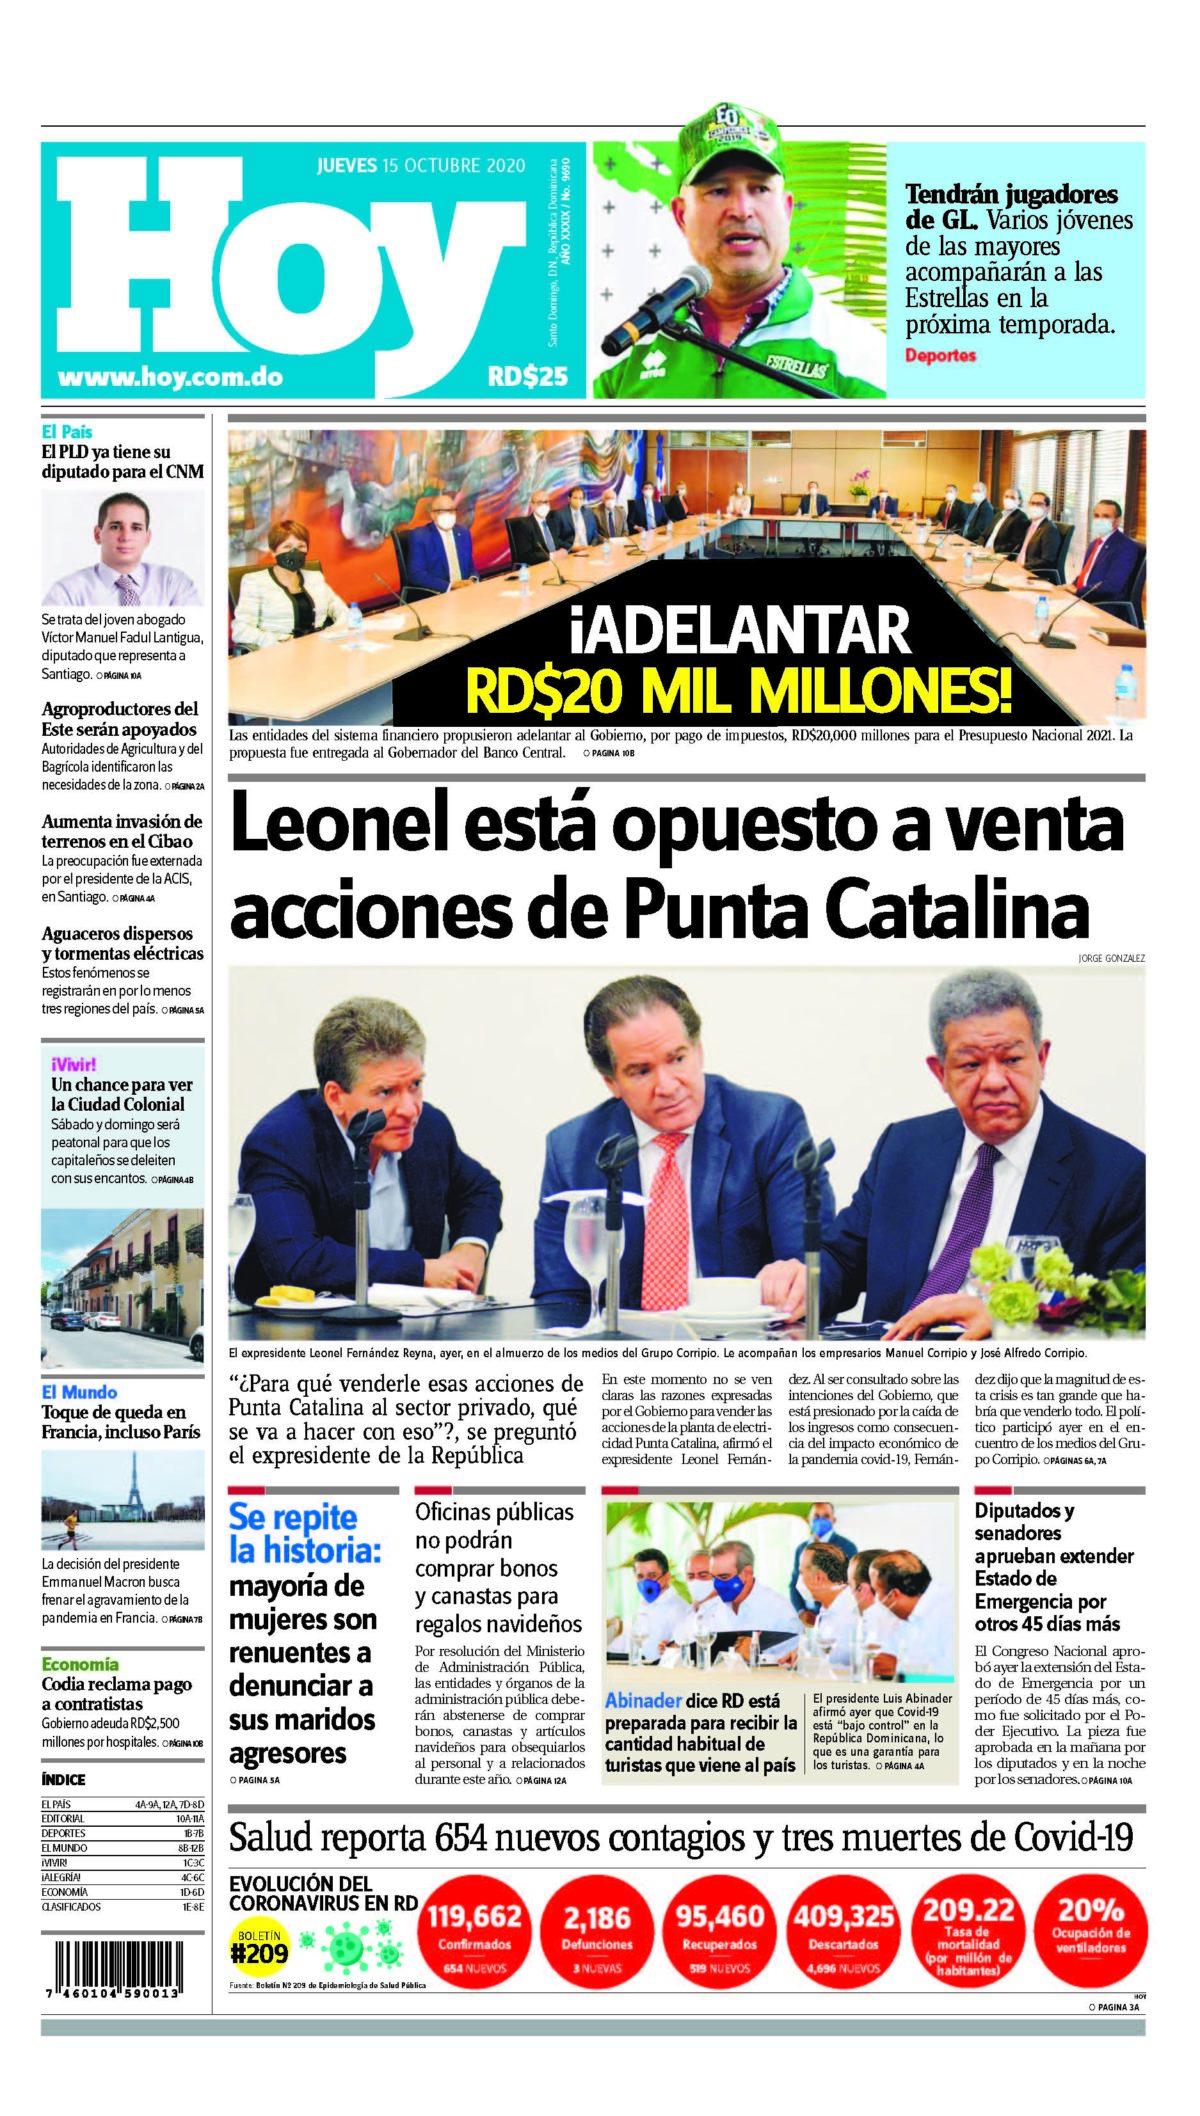 Portada Periódico Hoy, Jueves 15 de Octubre, 2020